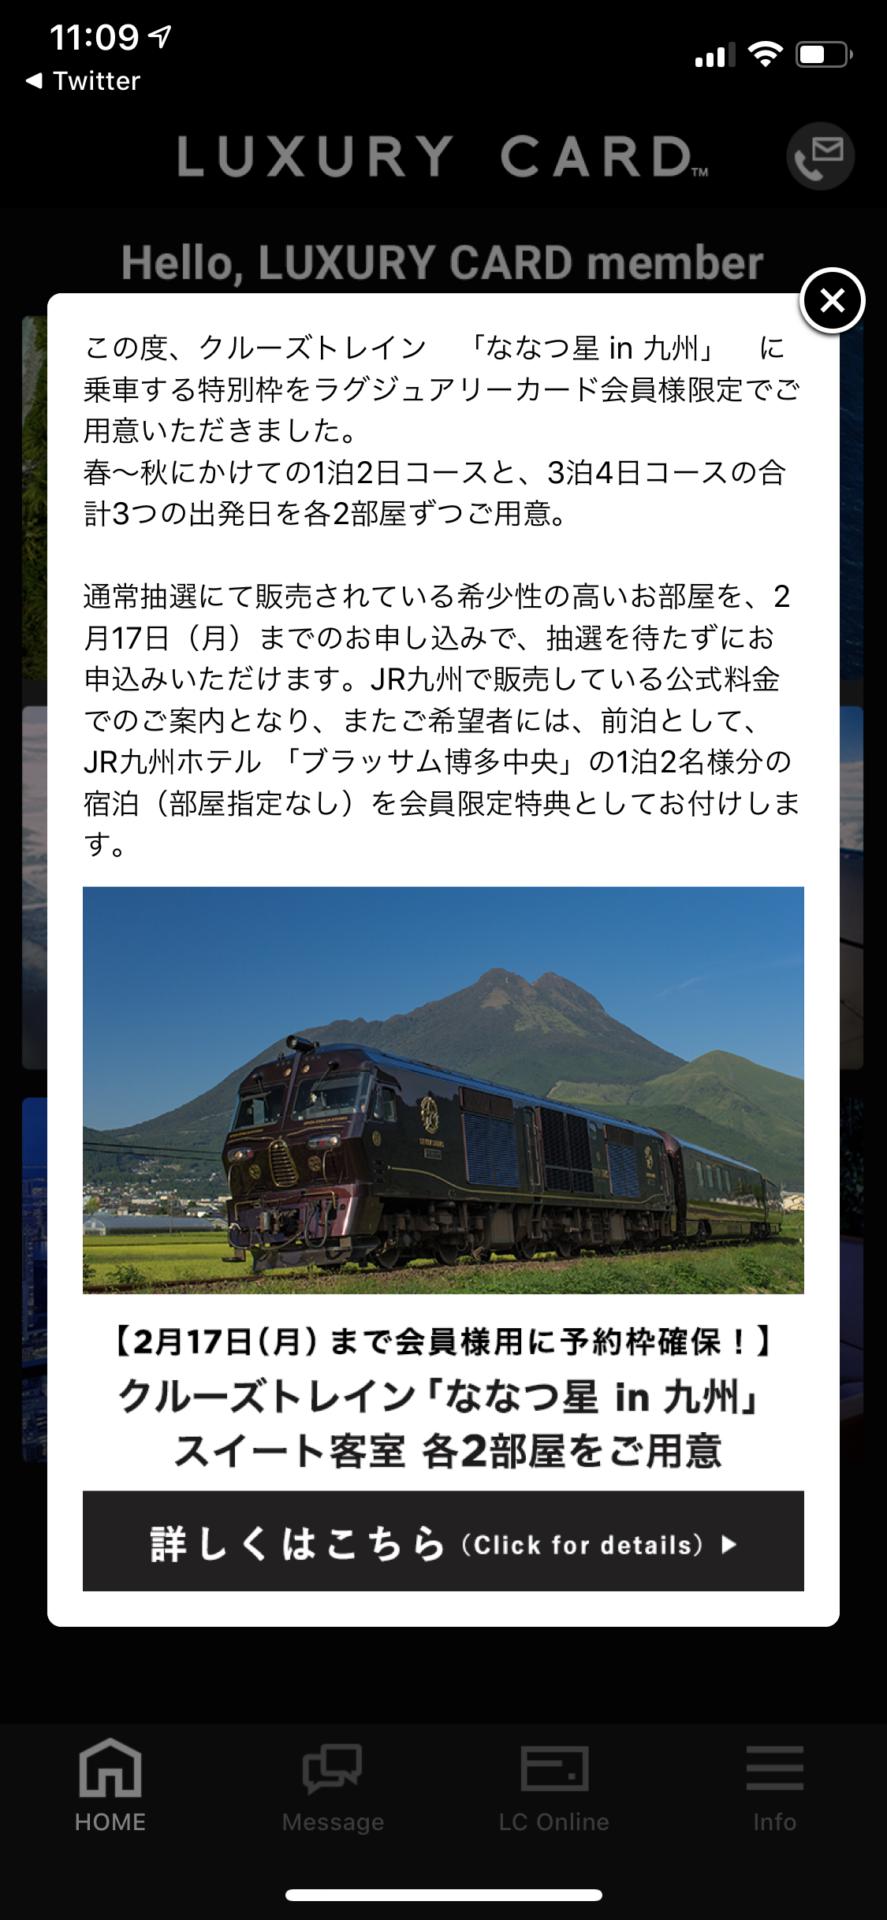 ななつ星 in 九州のラグジュアリーカード限定枠